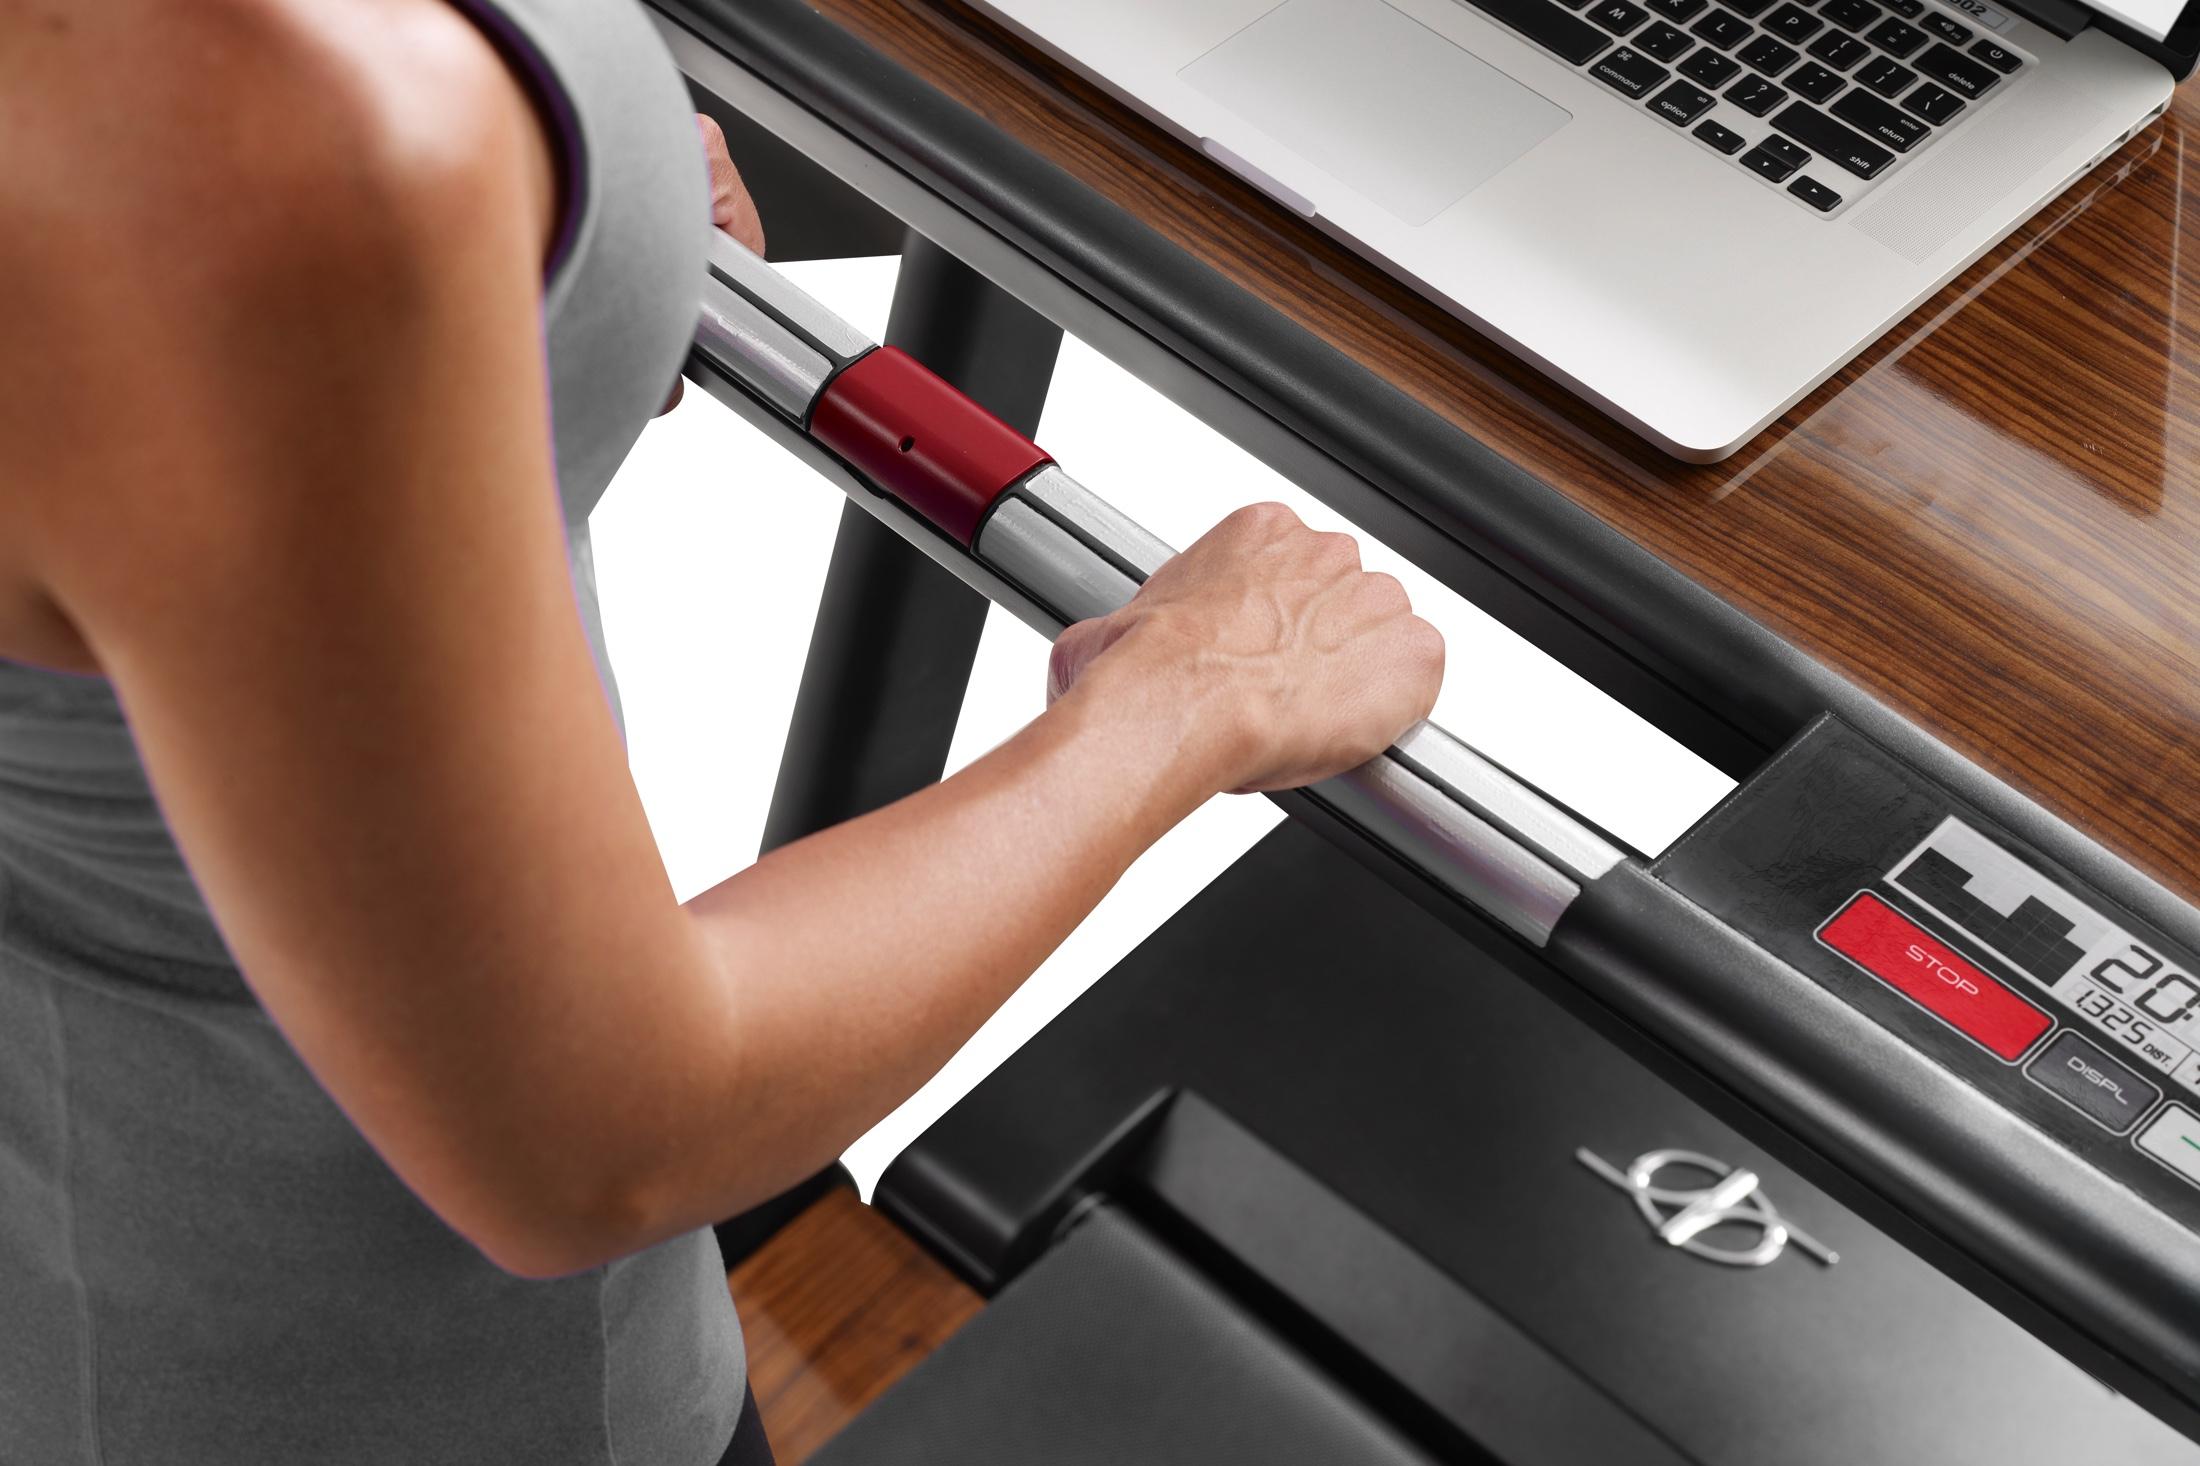 NordicTrack Treadmill Desk gallery image 6